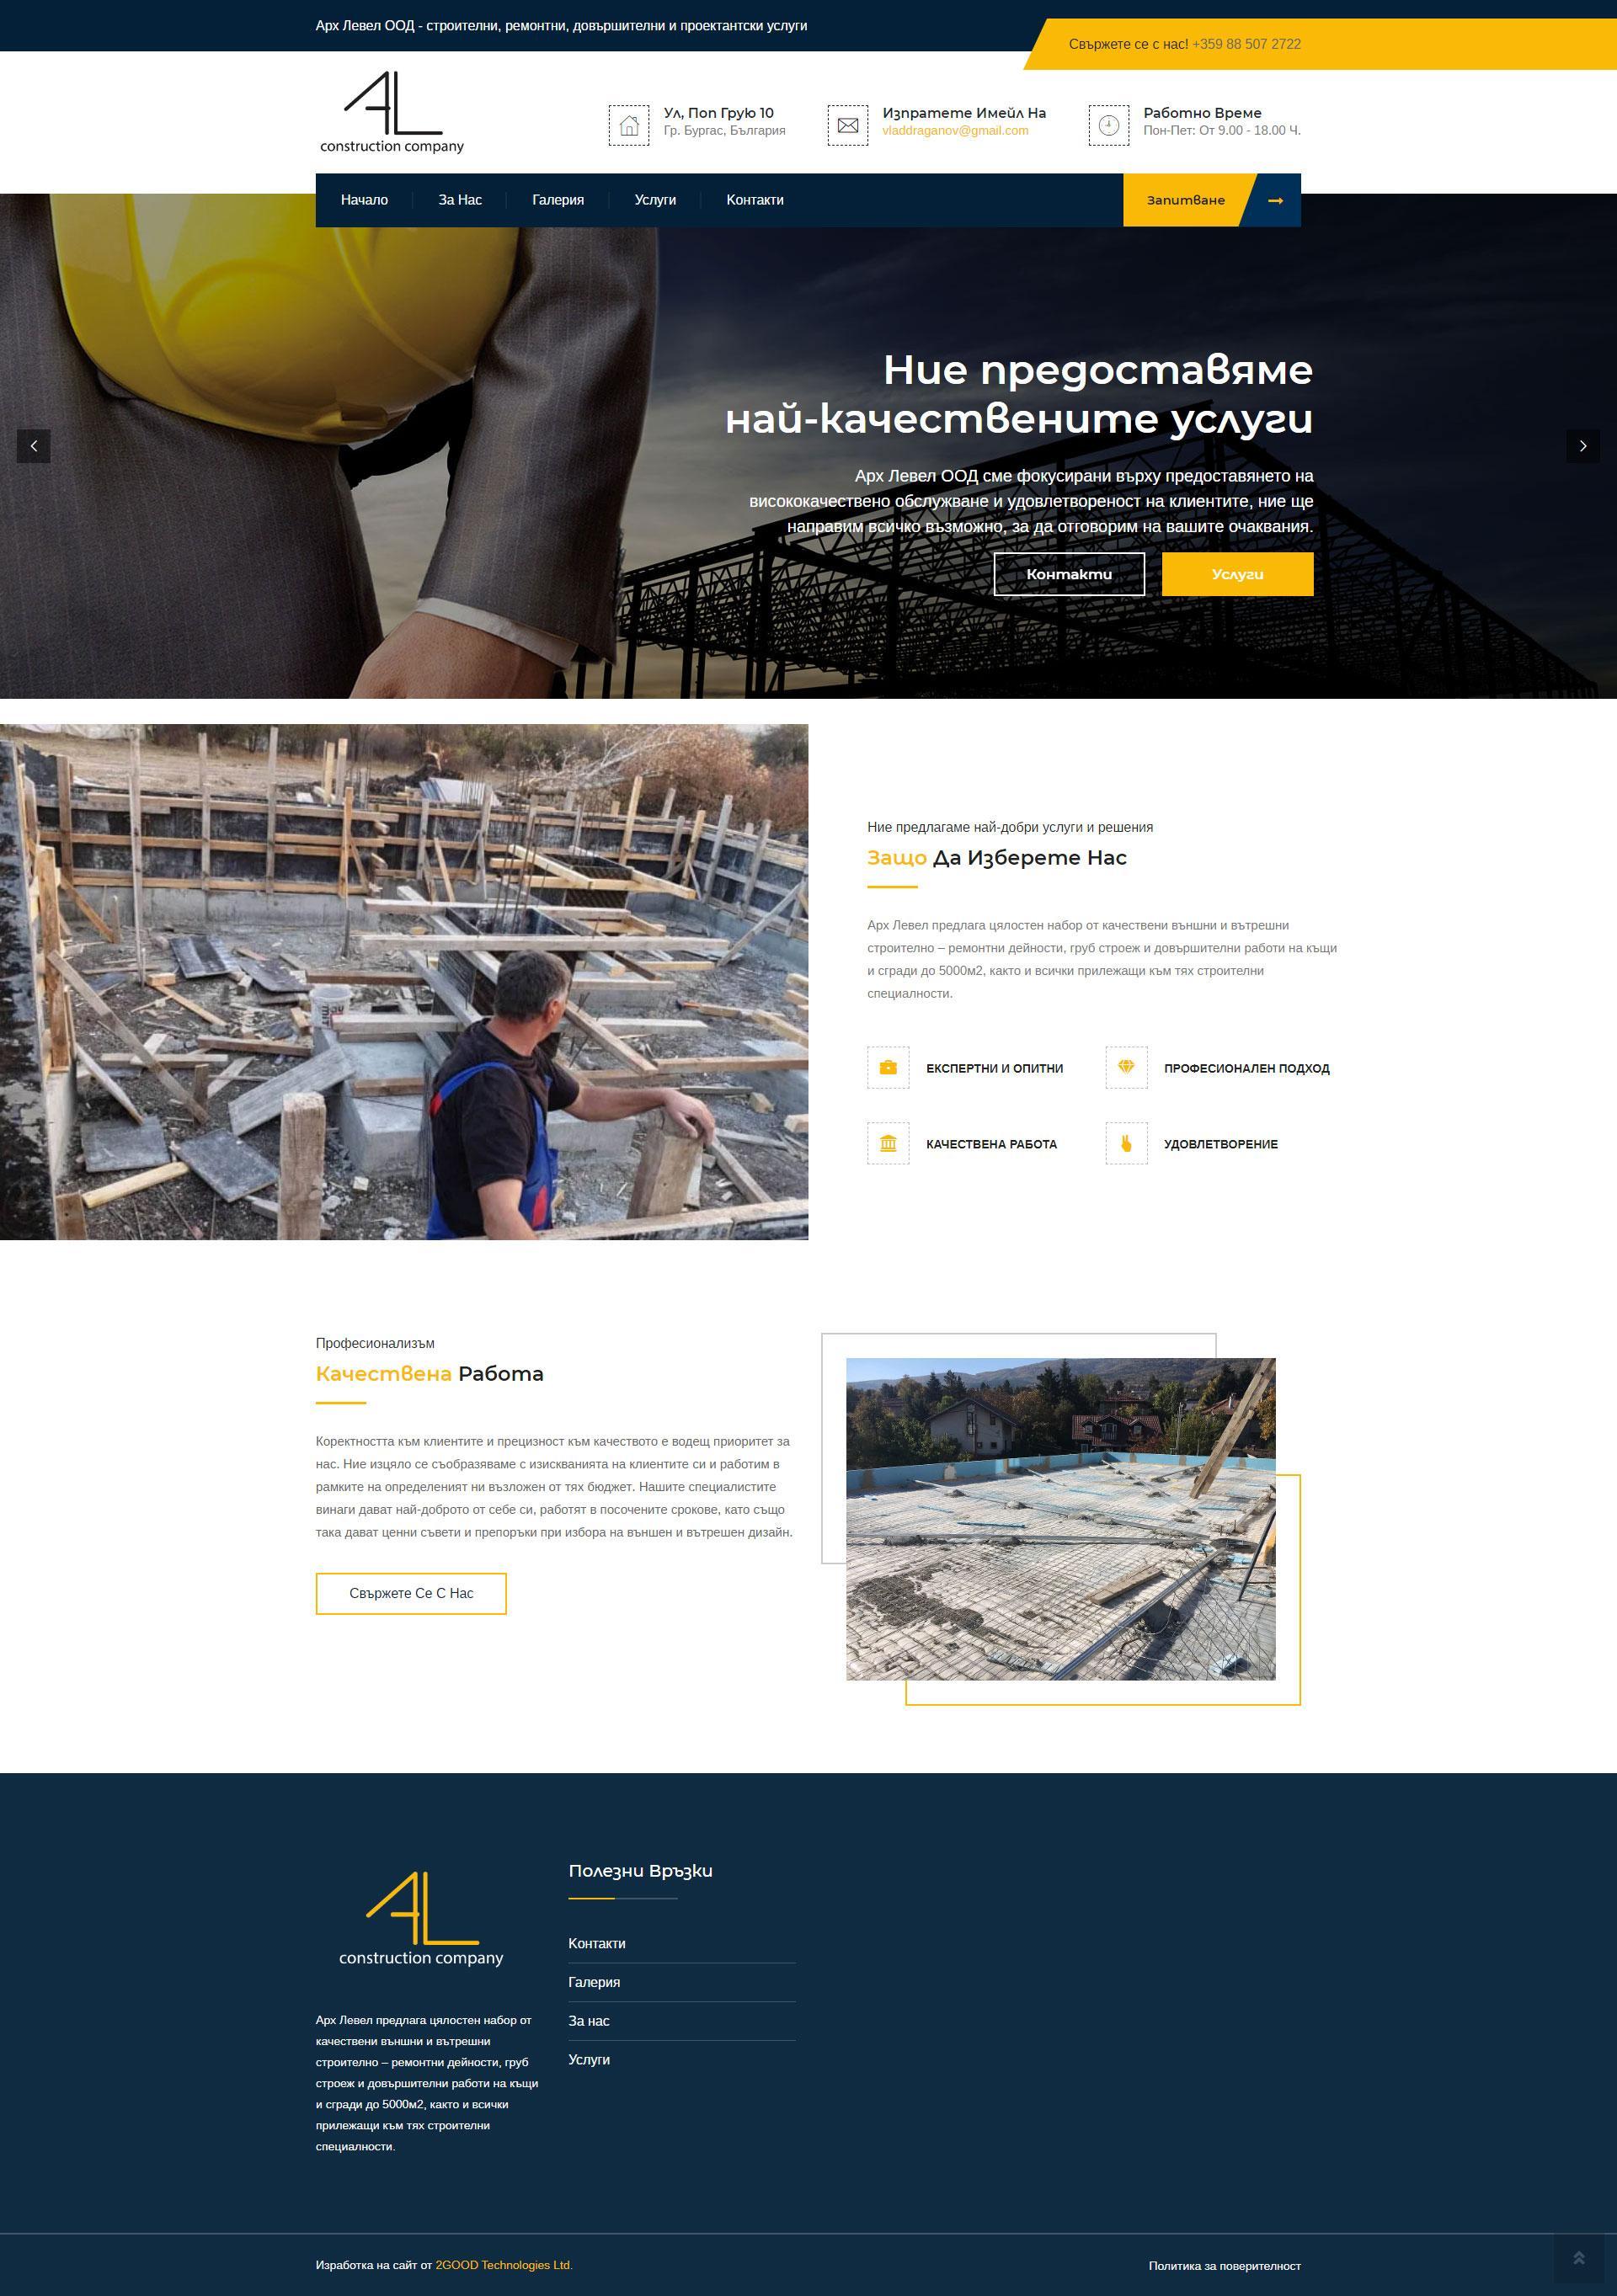 АрхЛевел - строителна компания